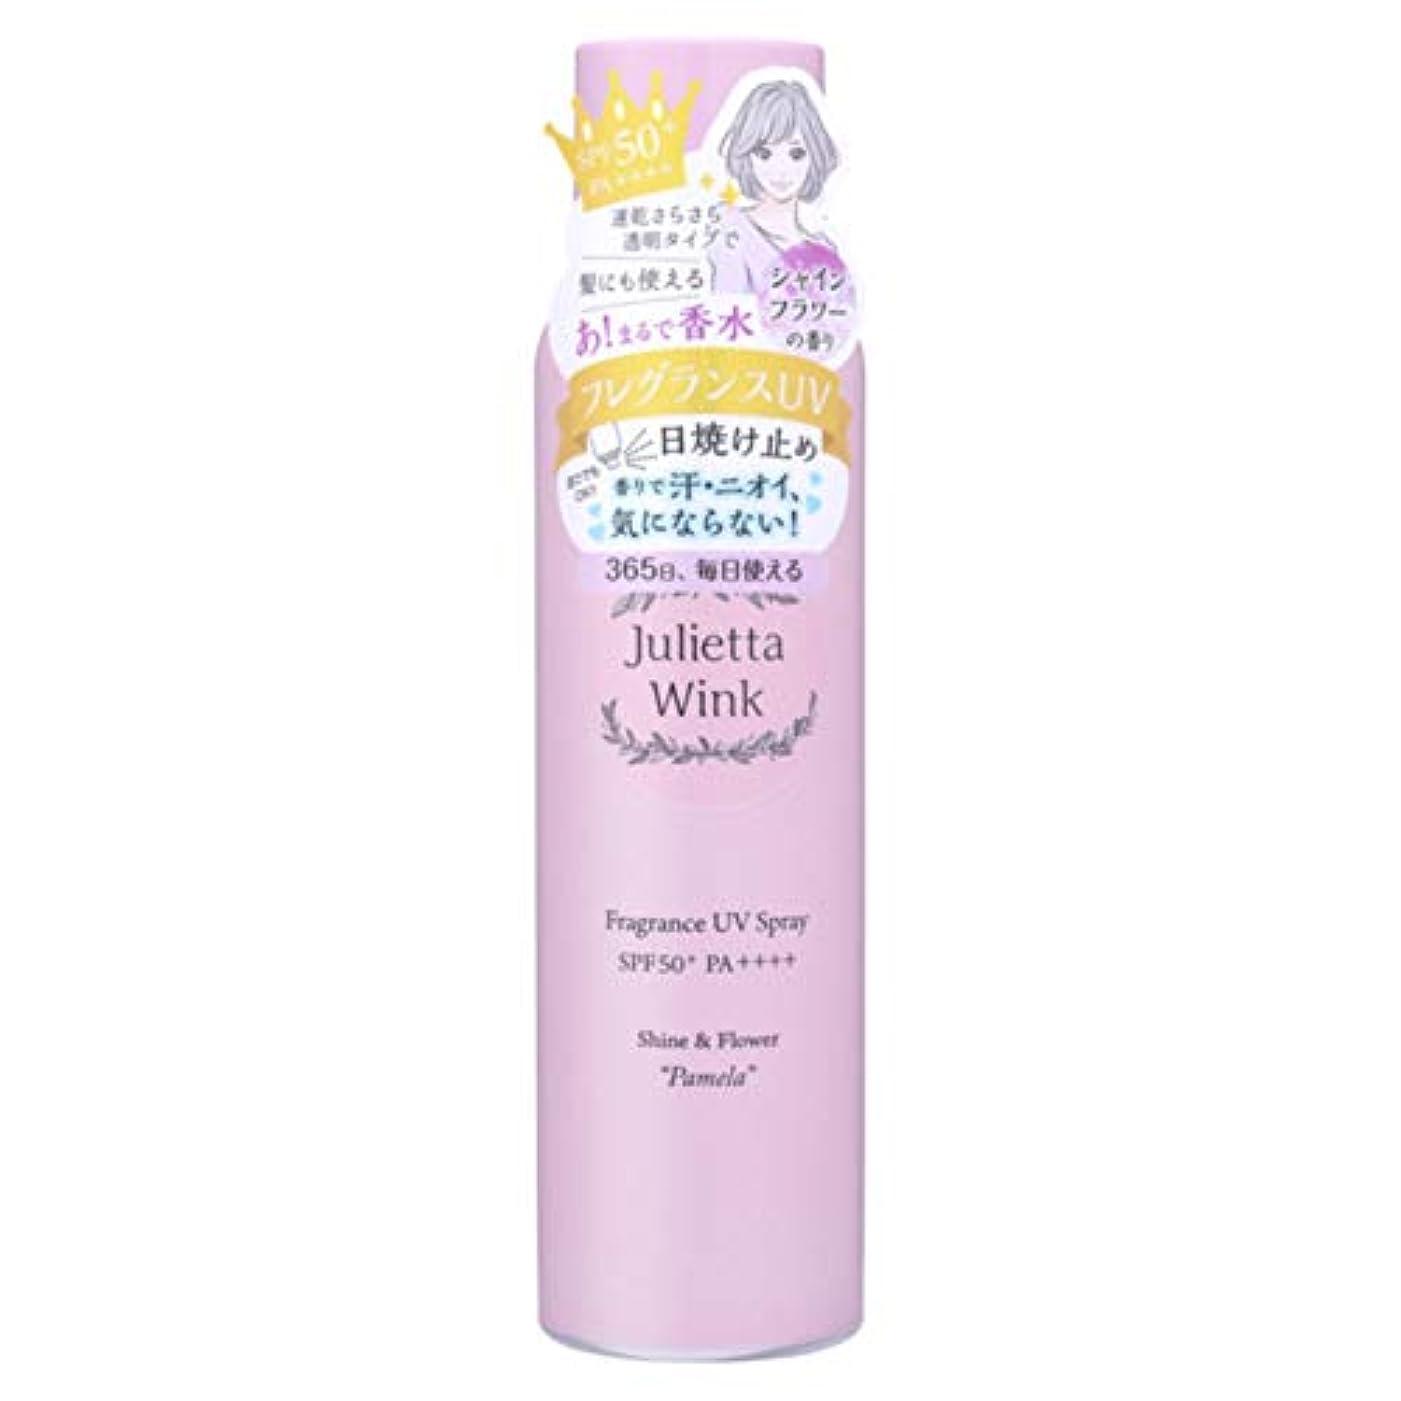 回転させる航空機会話型ジュリエッタウィンク フレグランス UVスプレー[パメラ]100g シャインフラワーの香り(ピンク)